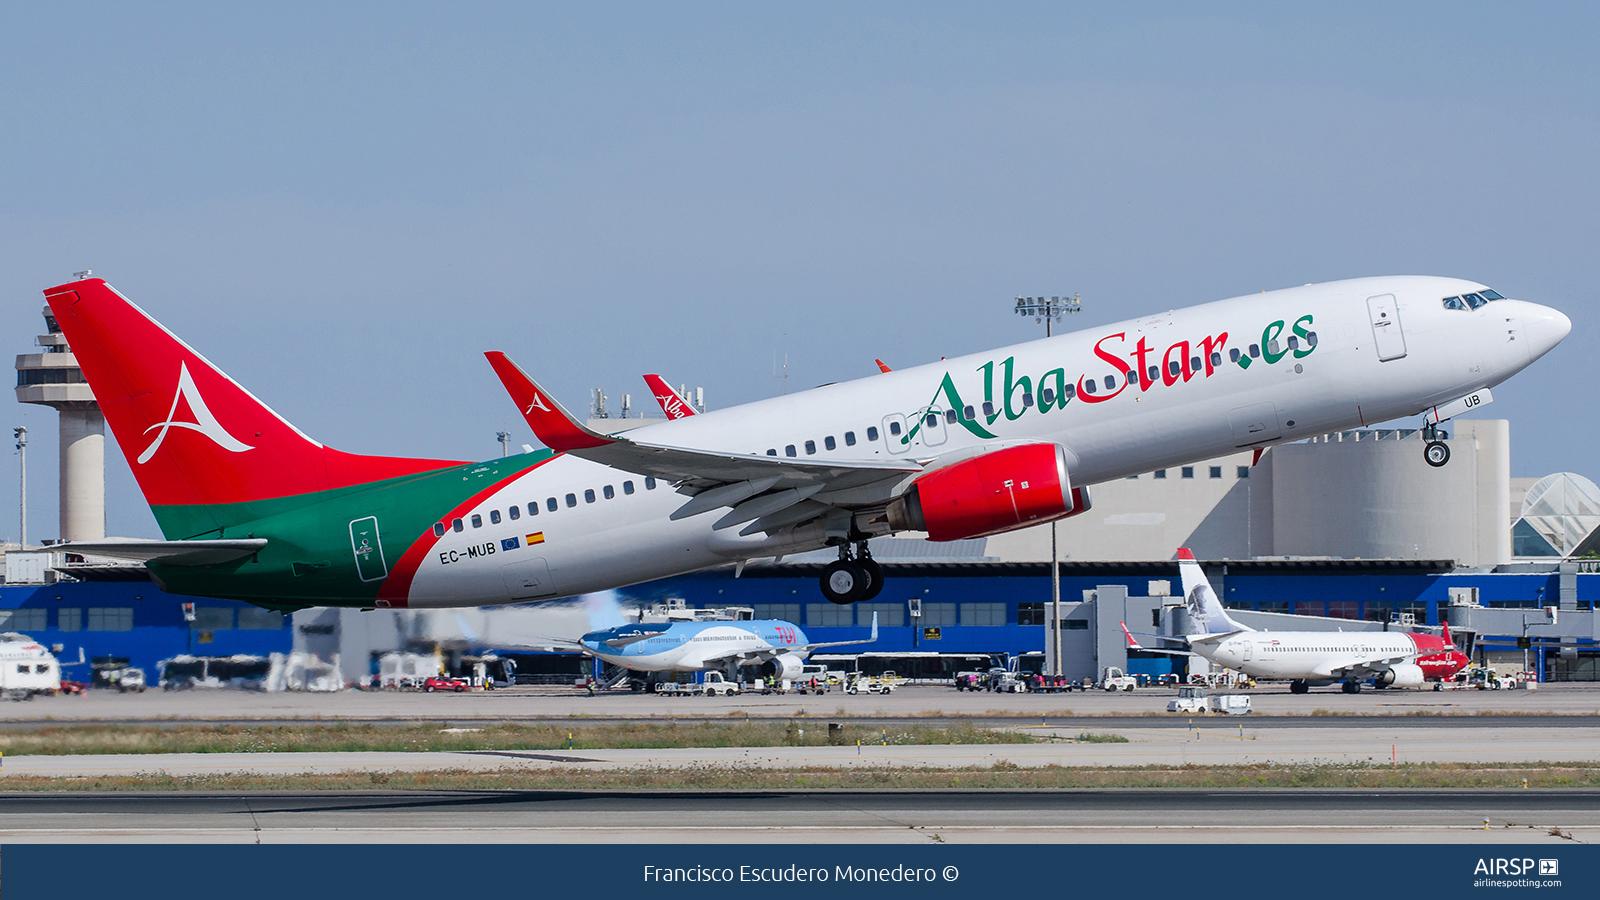 Alba Star  Boeing 737-800  EC-MUB